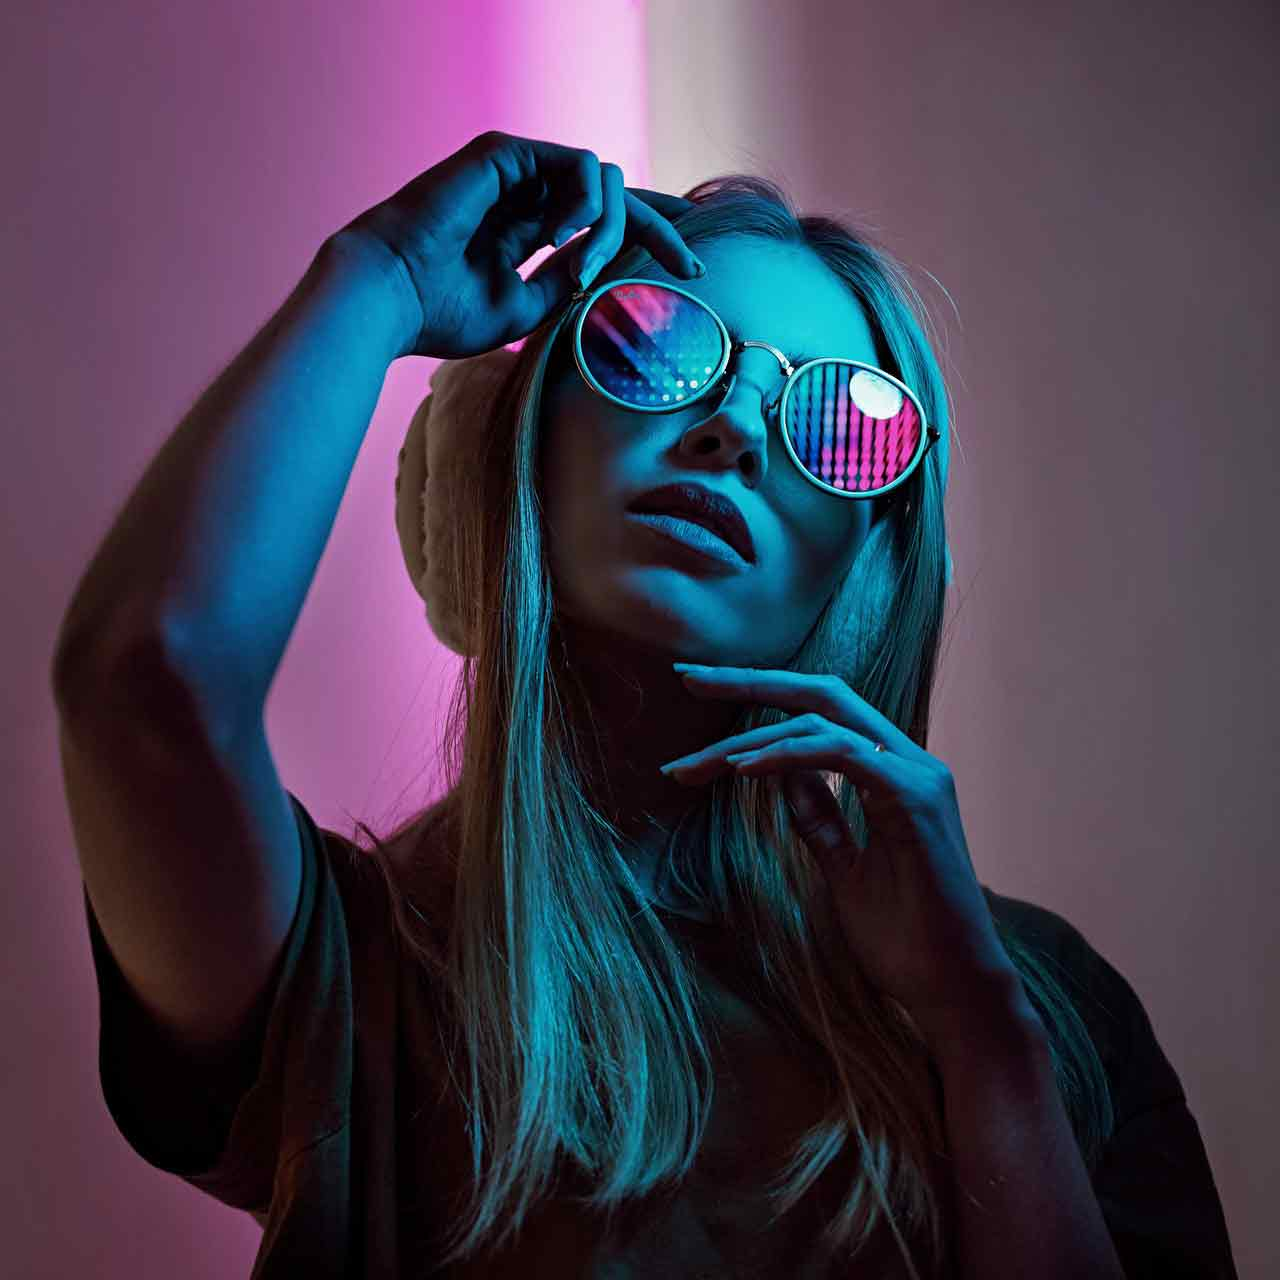 women-s-white-framed-sunglasses-2690323